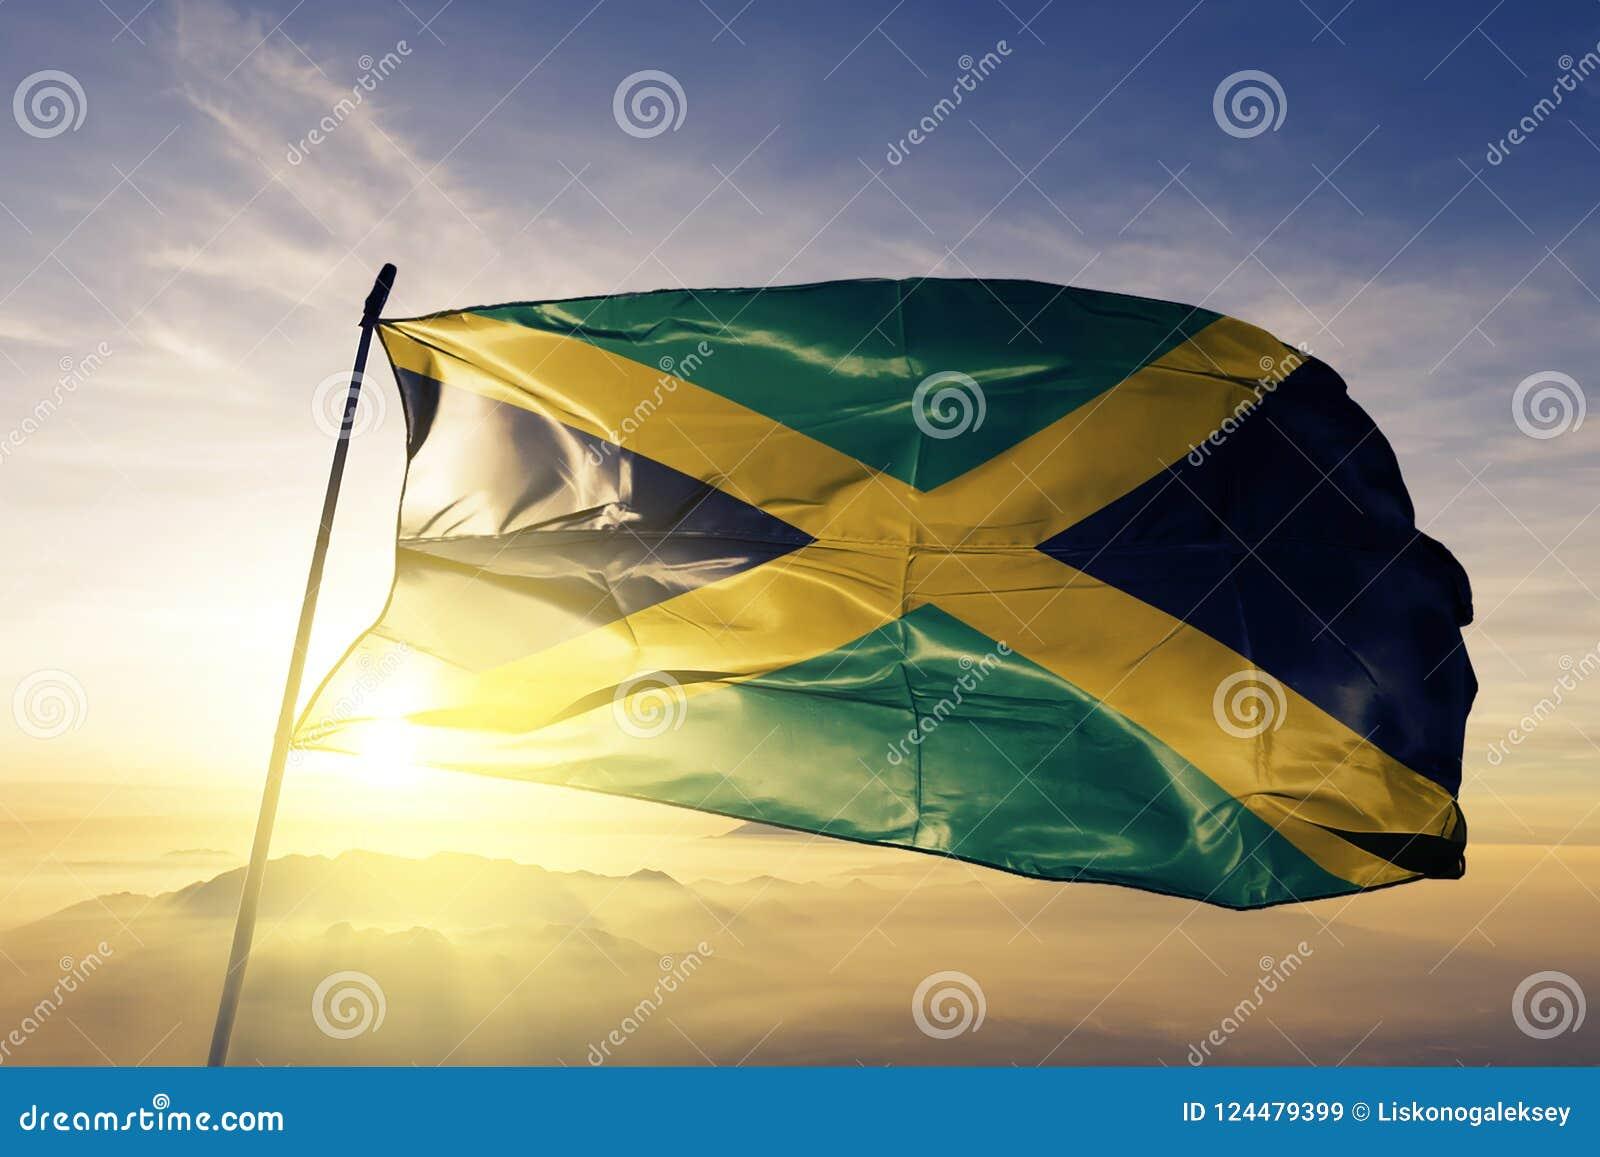 Tissu de tissu de textile de drapeau national de la Jamaïque ondulant sur le dessus